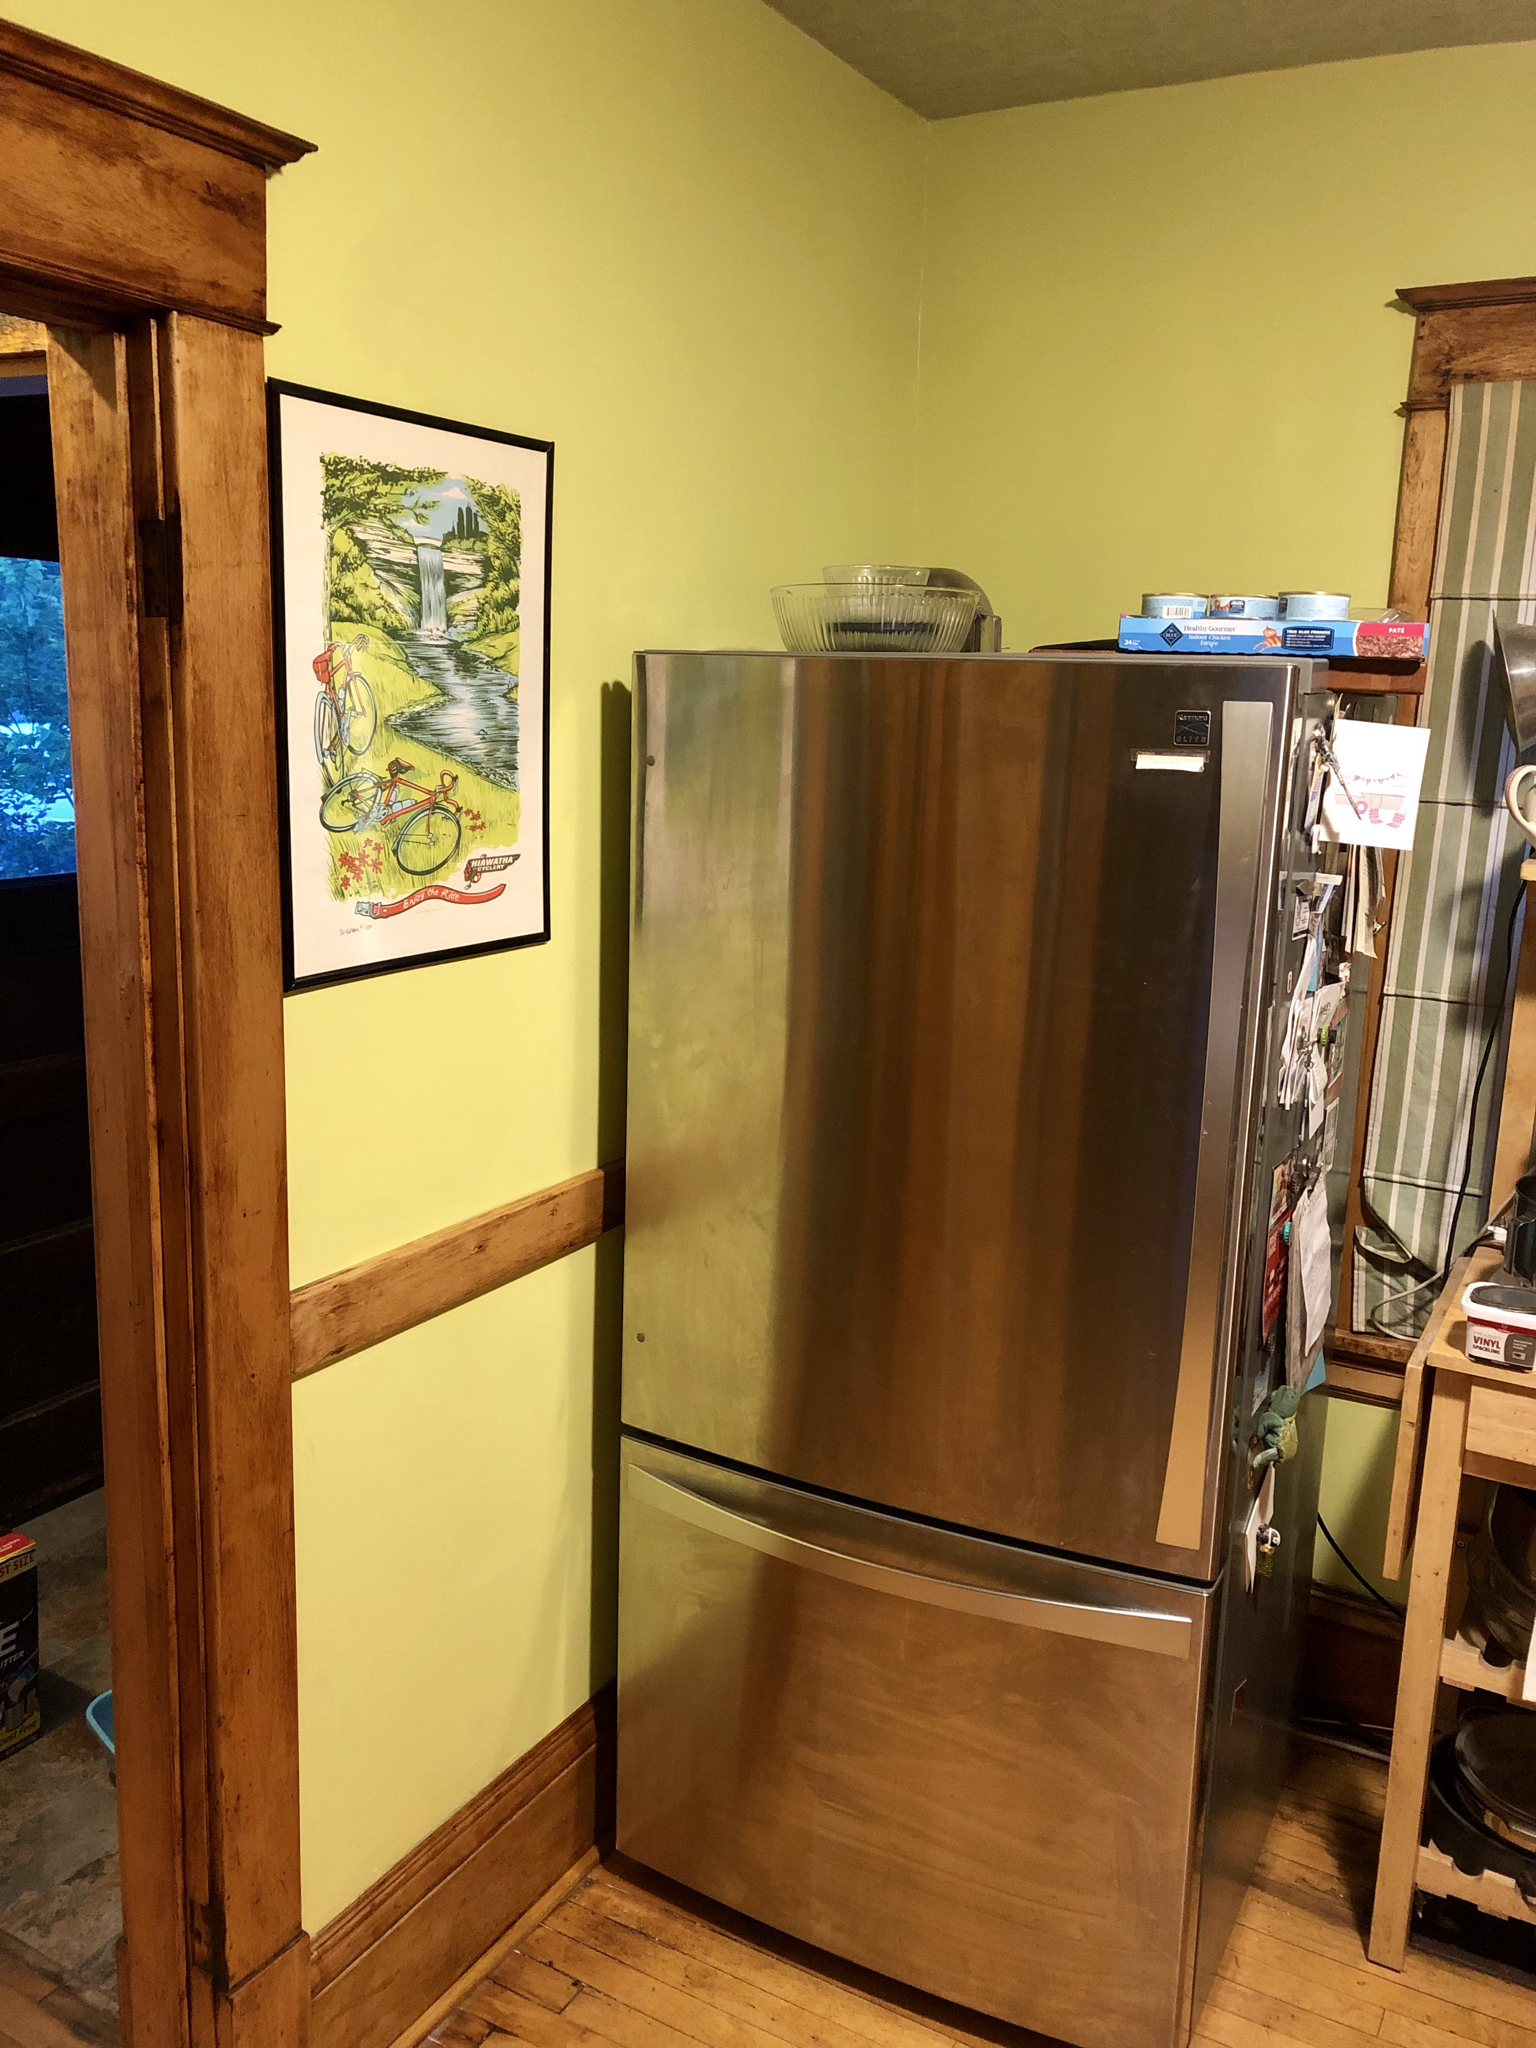 Behind the refrigerator door